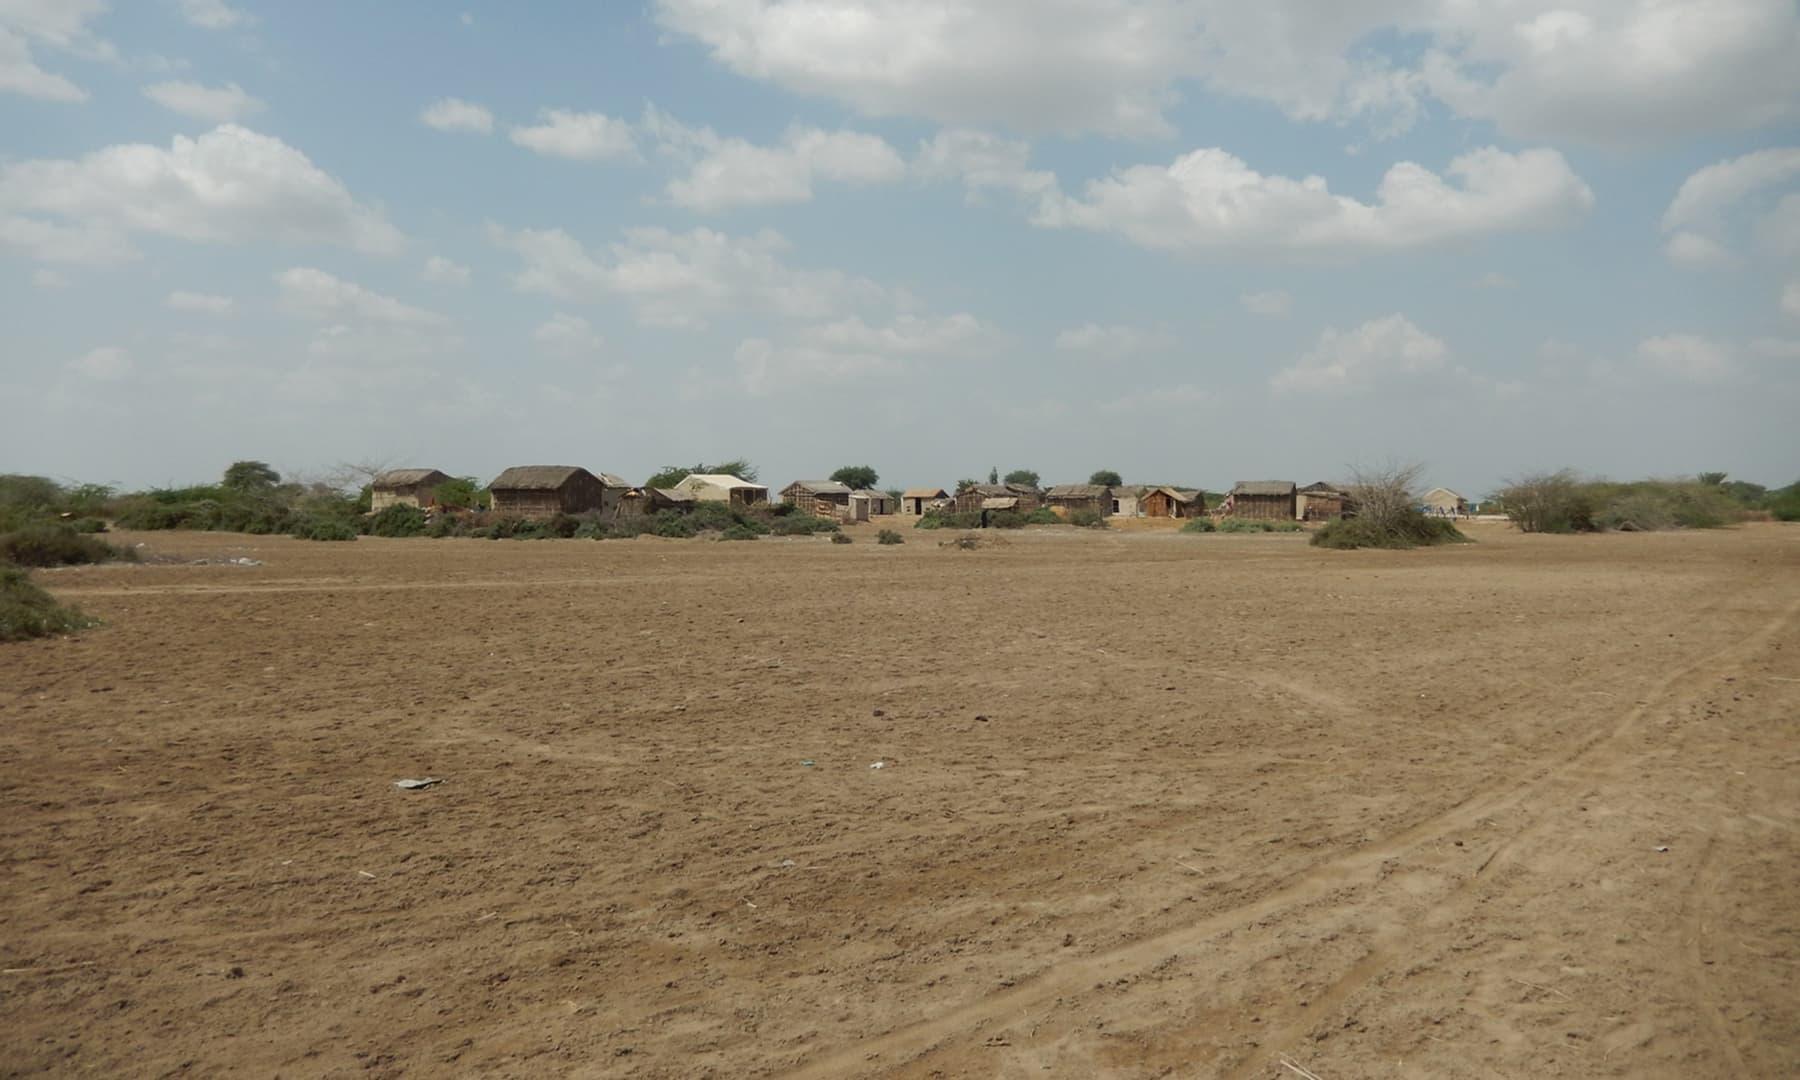 گاؤں جڑیو کے دور دور تک نمکین ویرانیاں بستی ہیں — تصویر ابوبکر شیخ